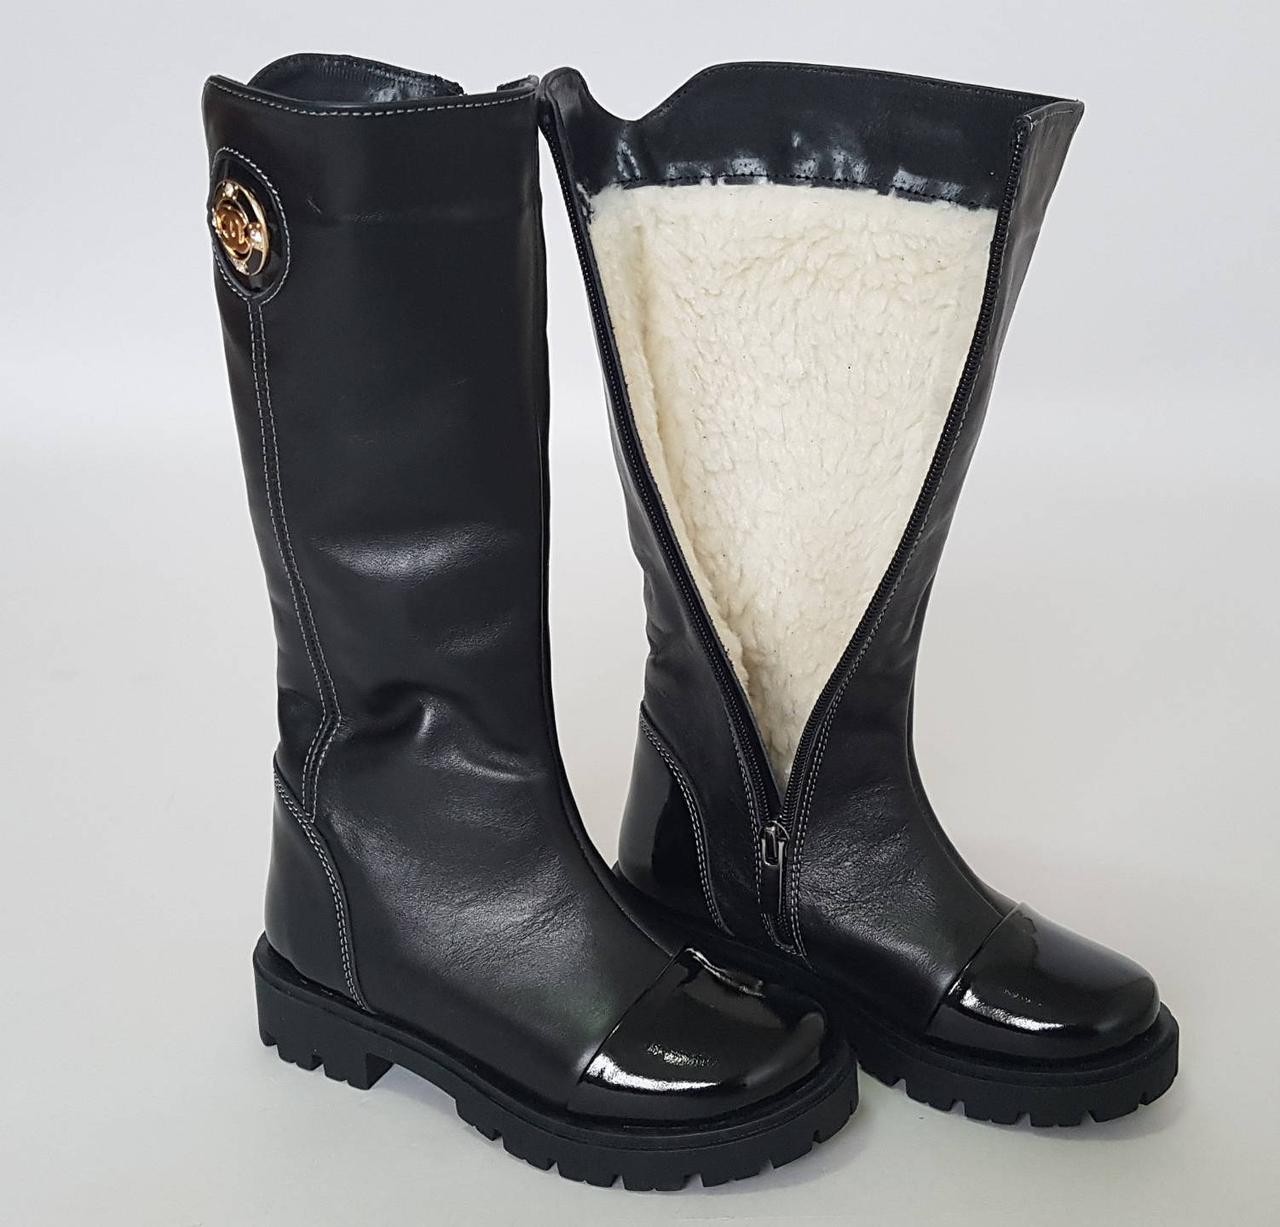 Зимние кожаные детские высокие сапоги 36 размер - Интернет-магазин  «KatrinStyle» в Хмельницком a8fb34afe6c52